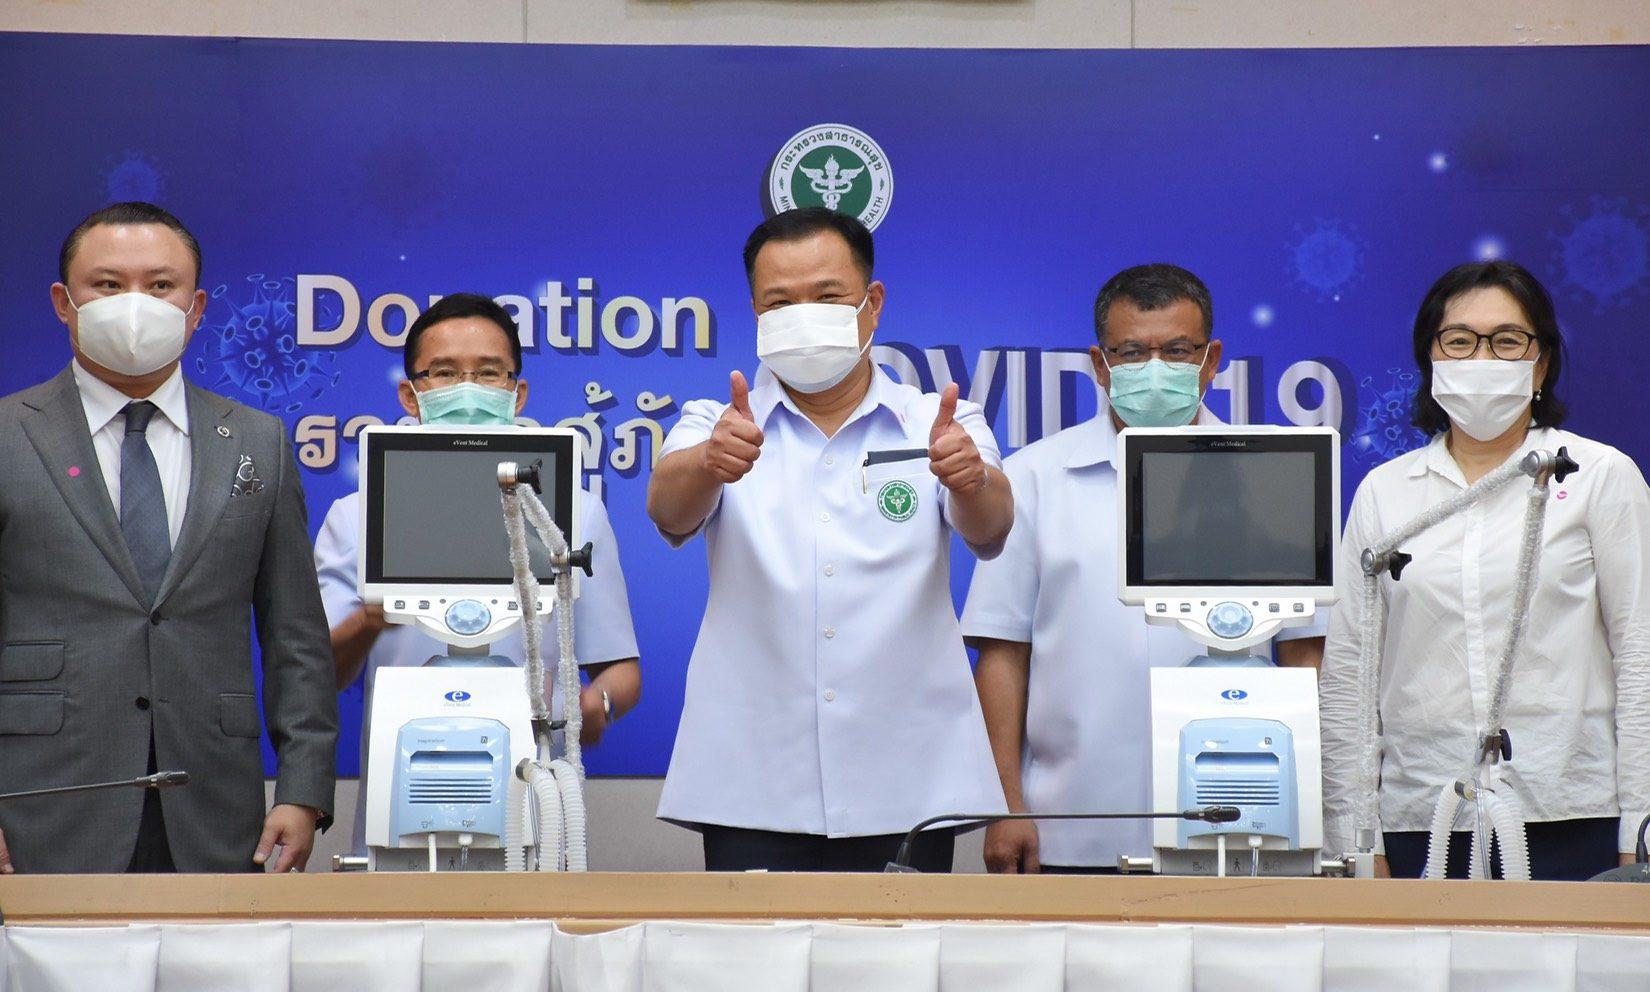 อนุทิน  รับมอบเครื่องช่วยหายใจ เร่งจัดส่งรักษาชีวิตผู้ป่วย